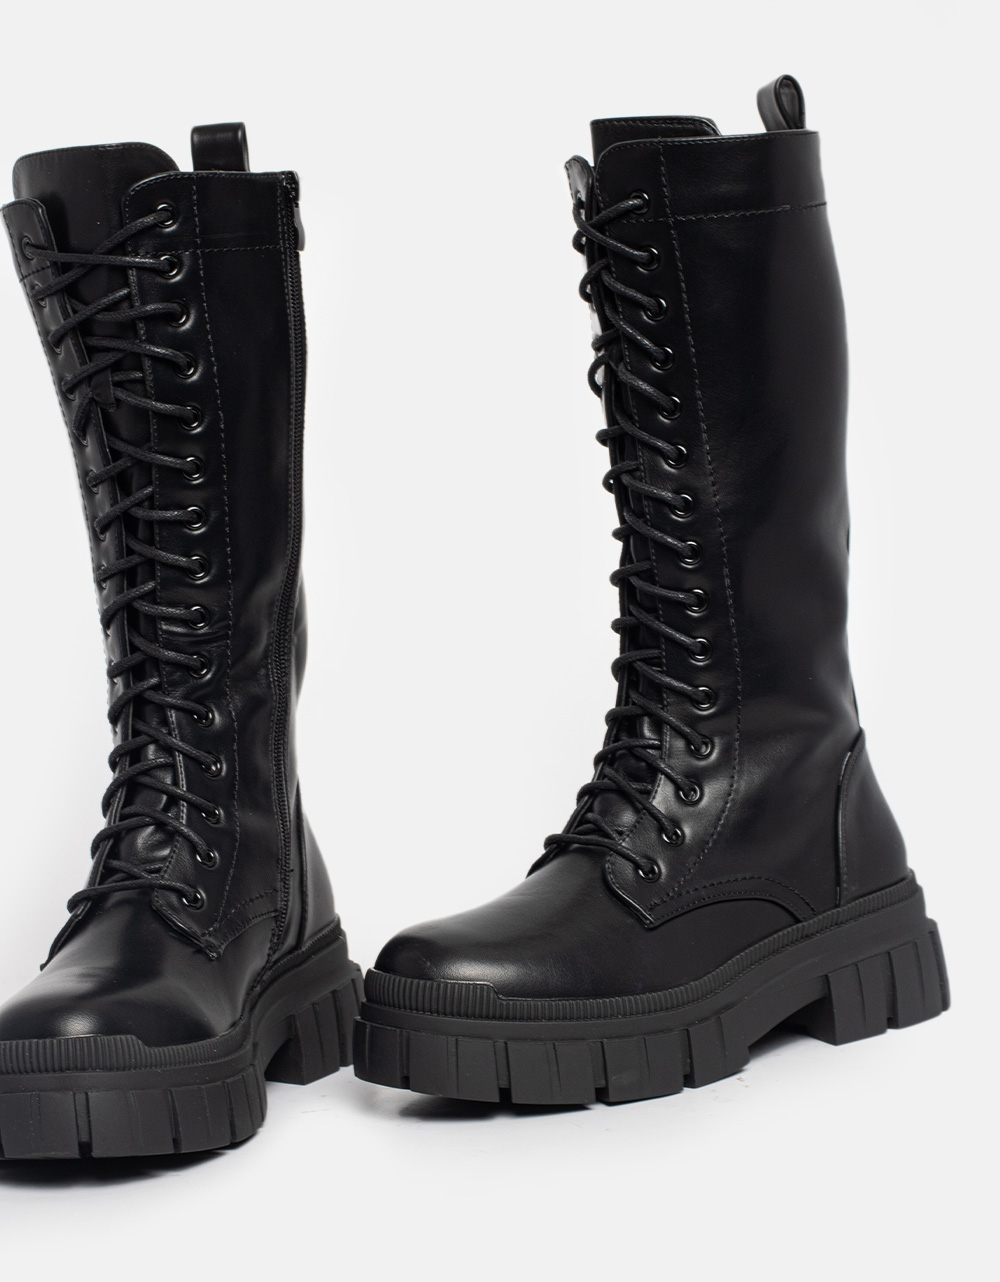 Εικόνα από Γυναικείες μπότες με διακοσμητικές ραφές Μαύρο